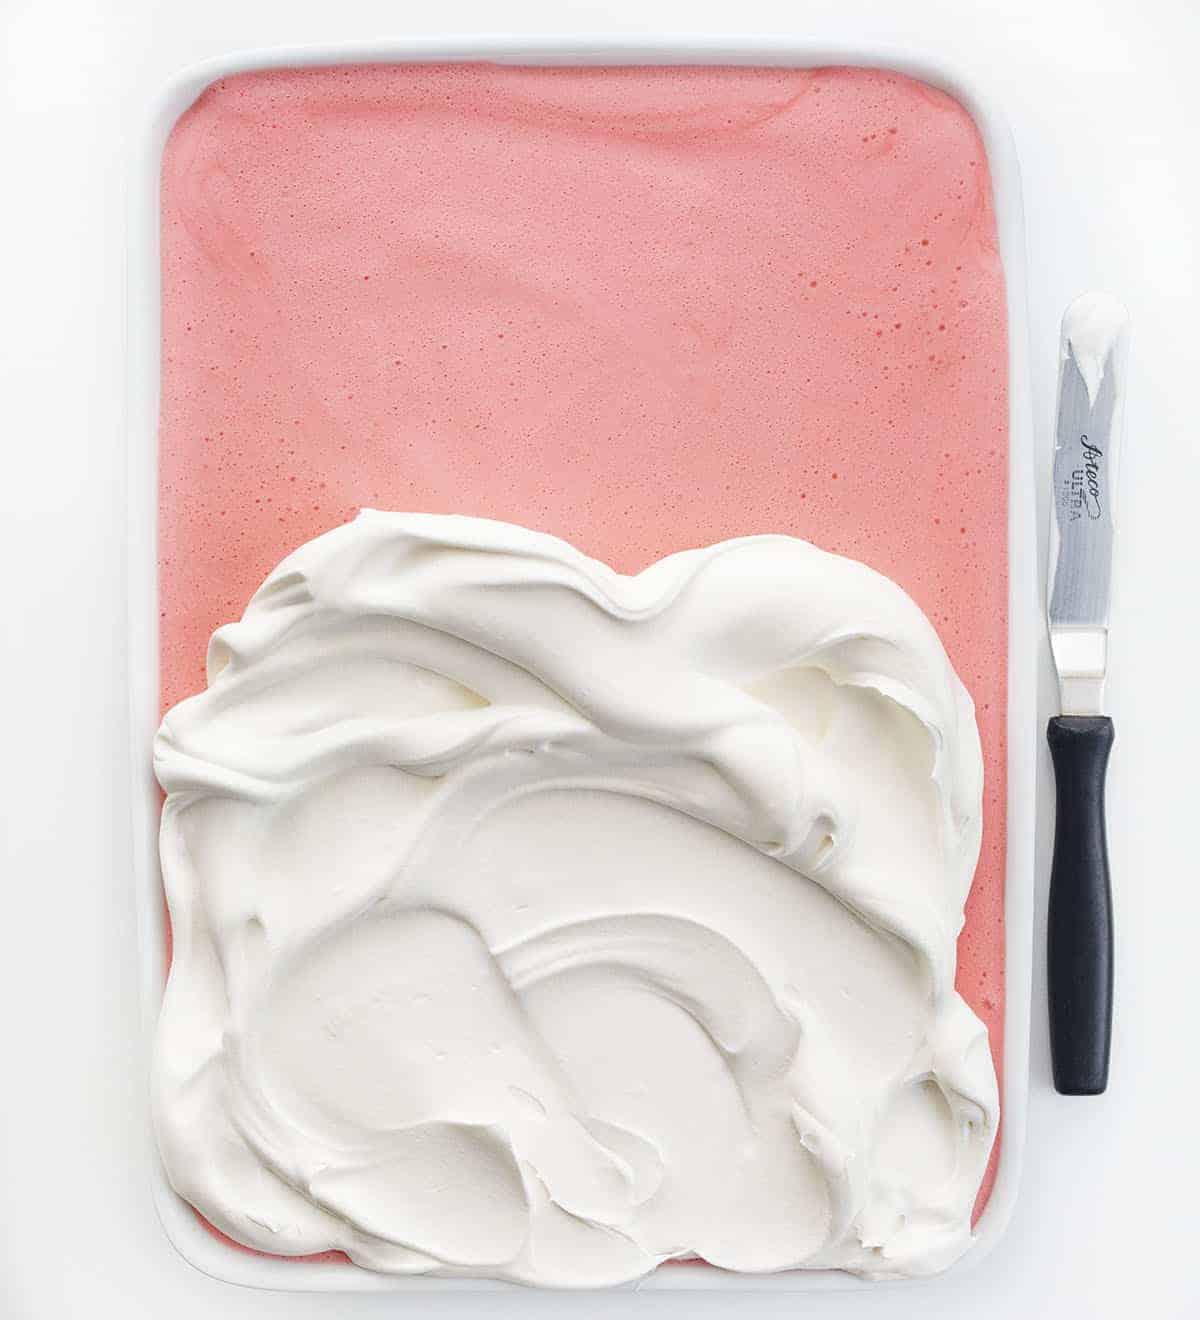 Adding Whipped Cream to Strawberry Icebox Cheesecake